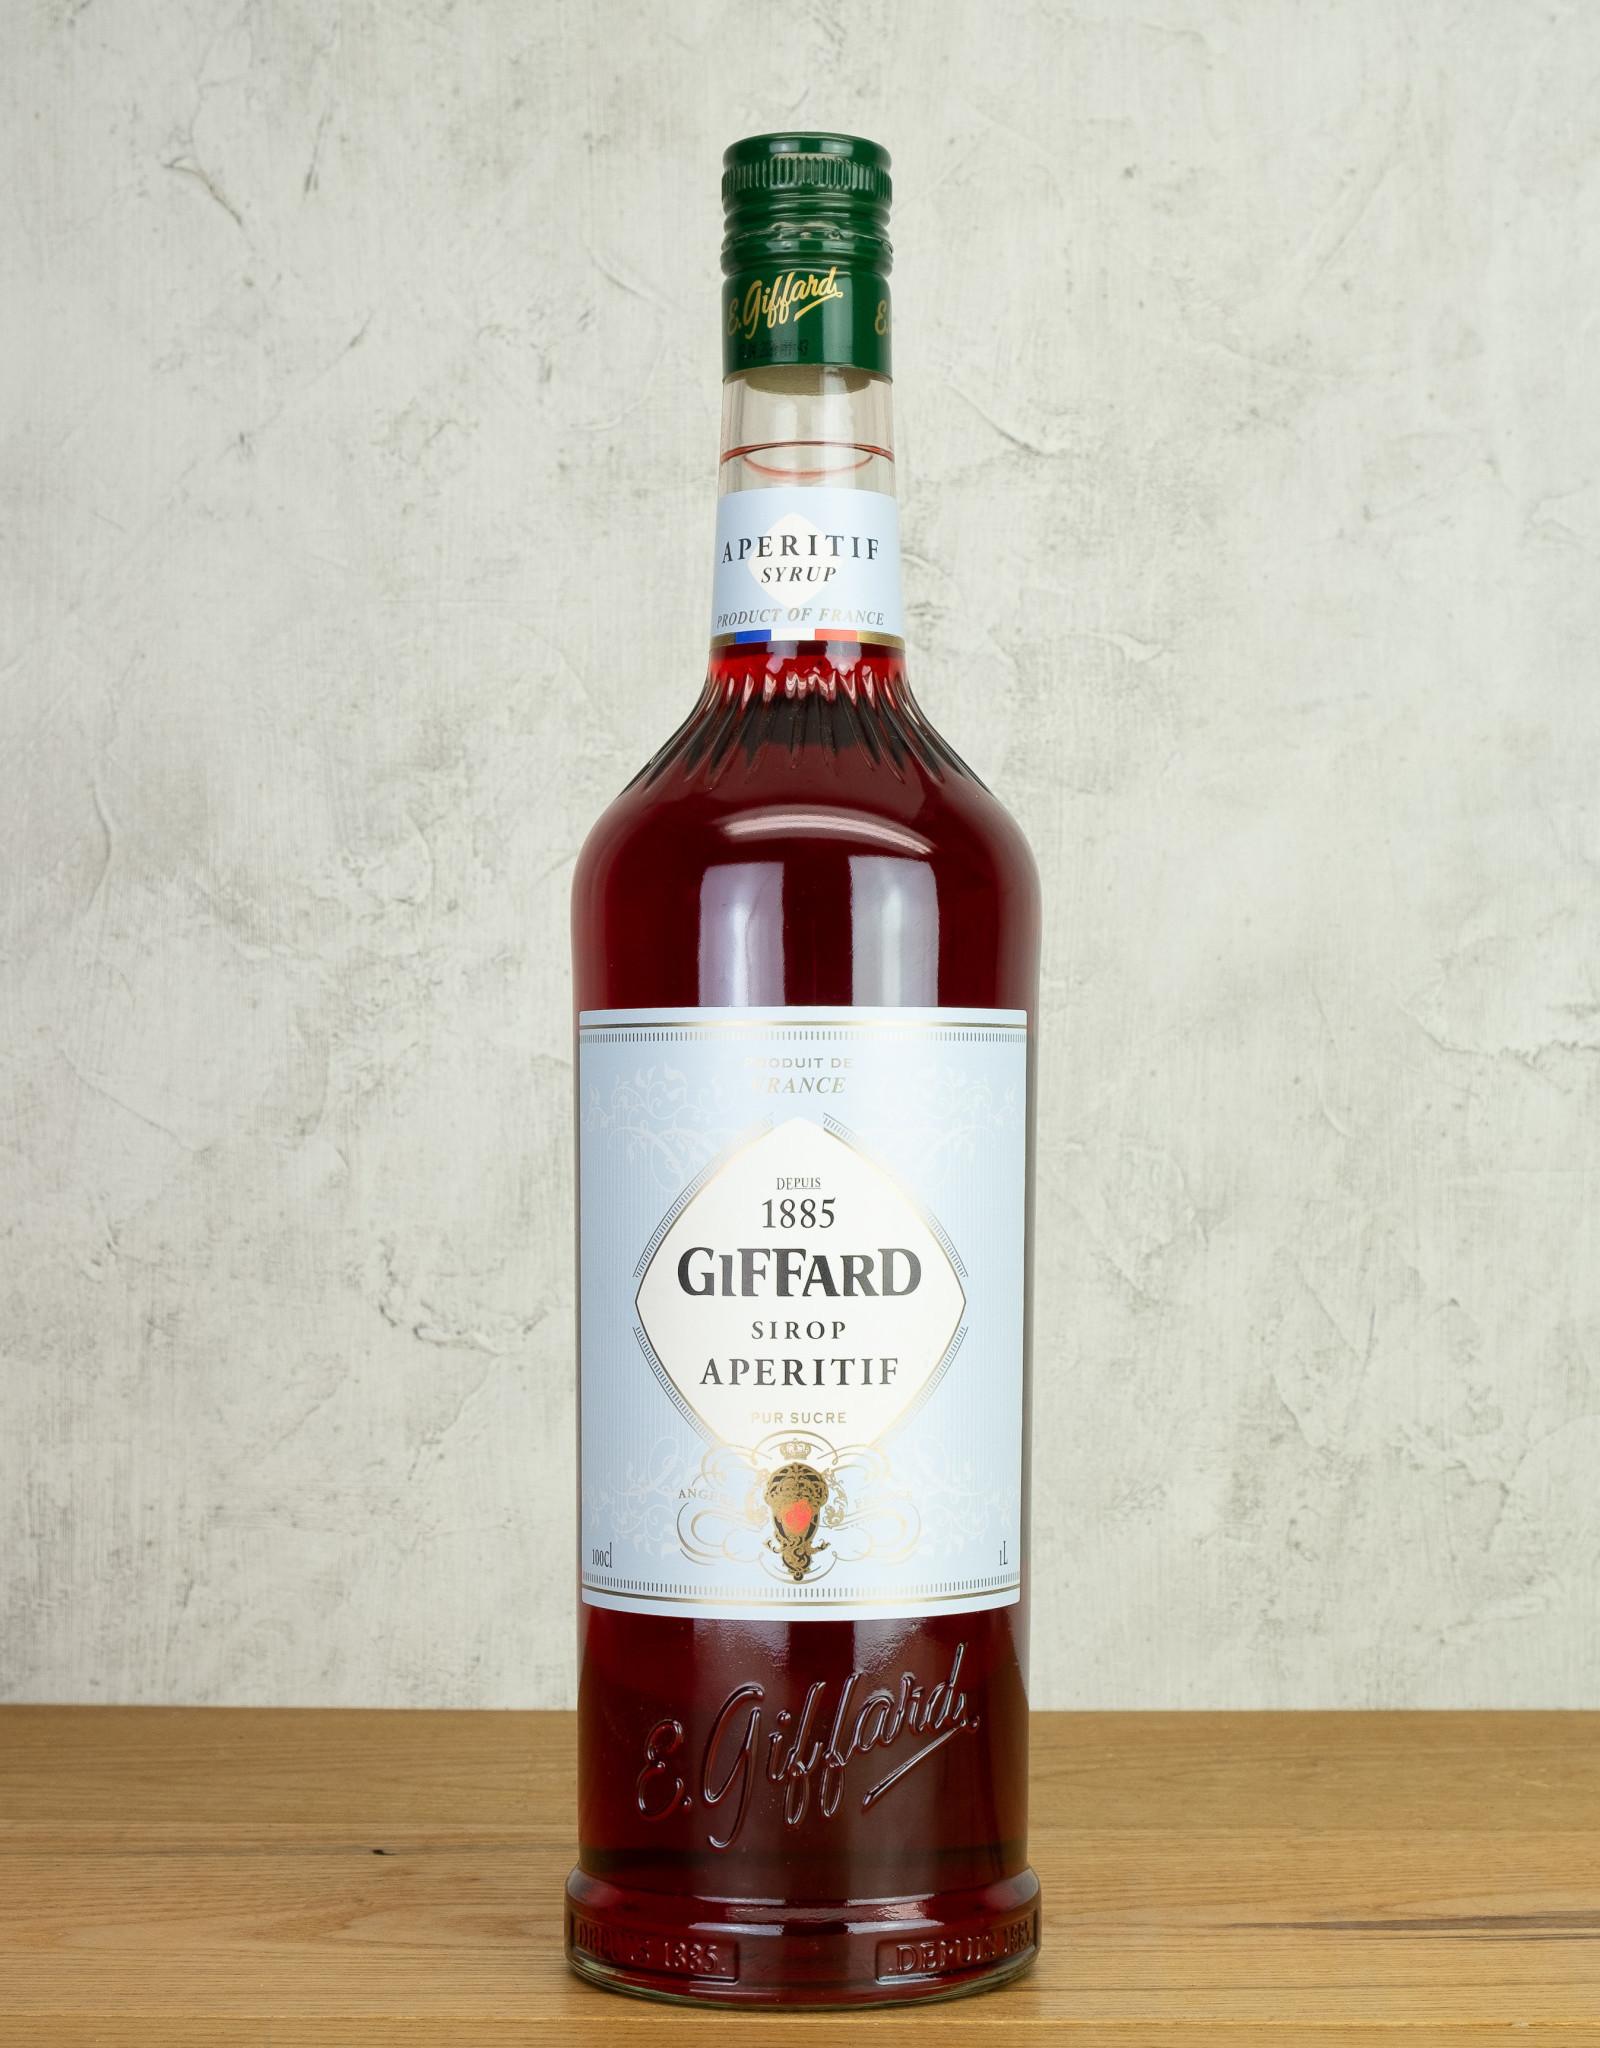 Giffard Aperitif Syrup